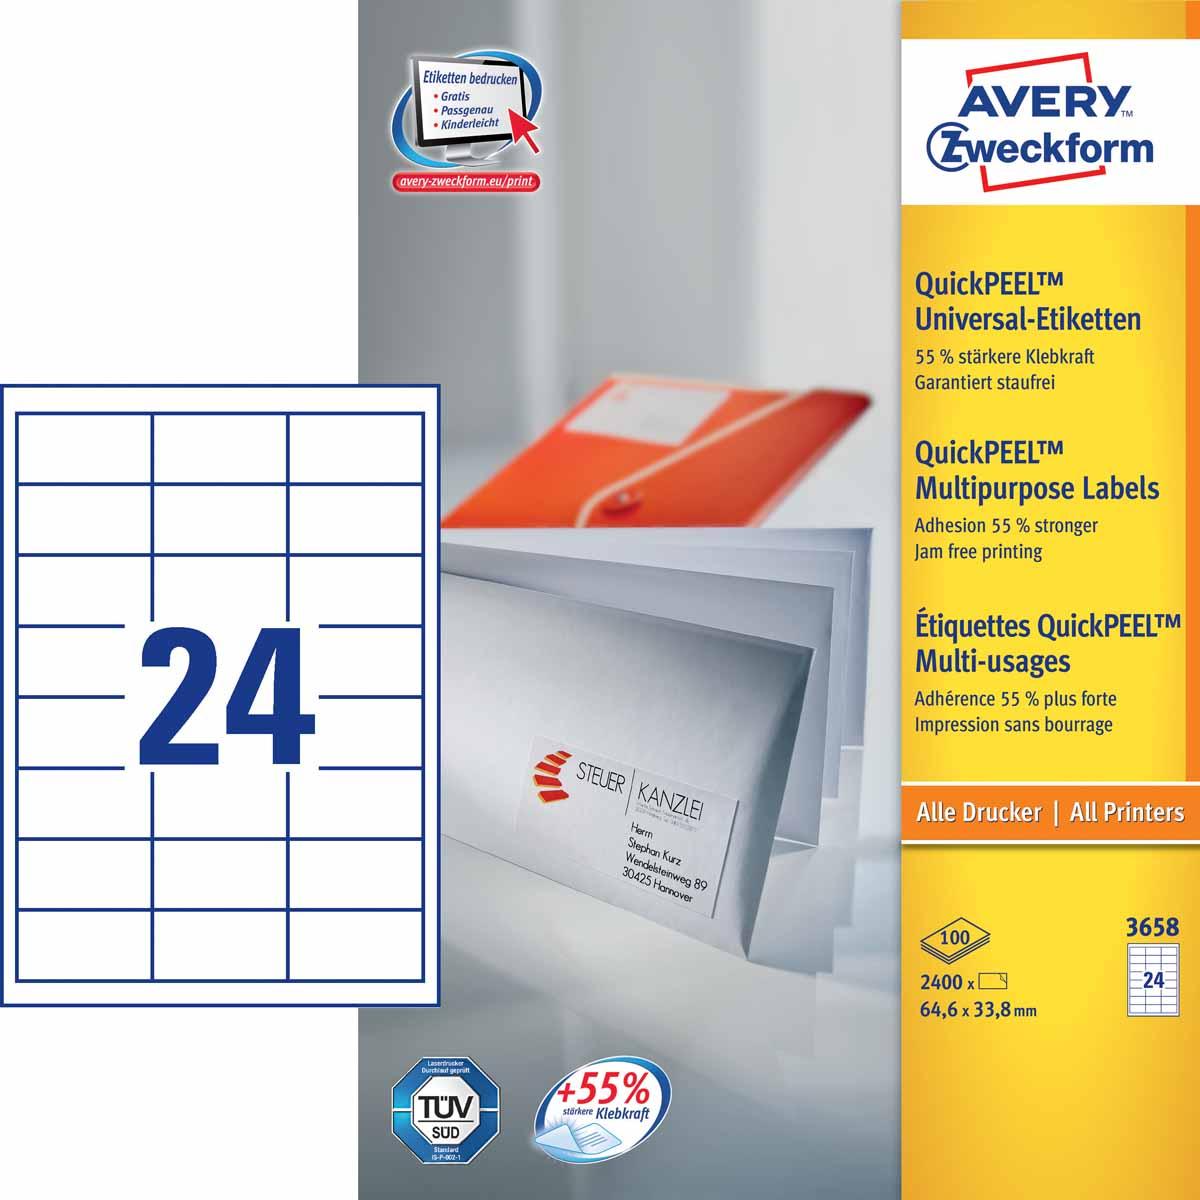 Avery Zweckform Этикетки самоклеящиеся универсальные Quick PEEL 64,6 х 33,8 мм 2400 шт 100 листов